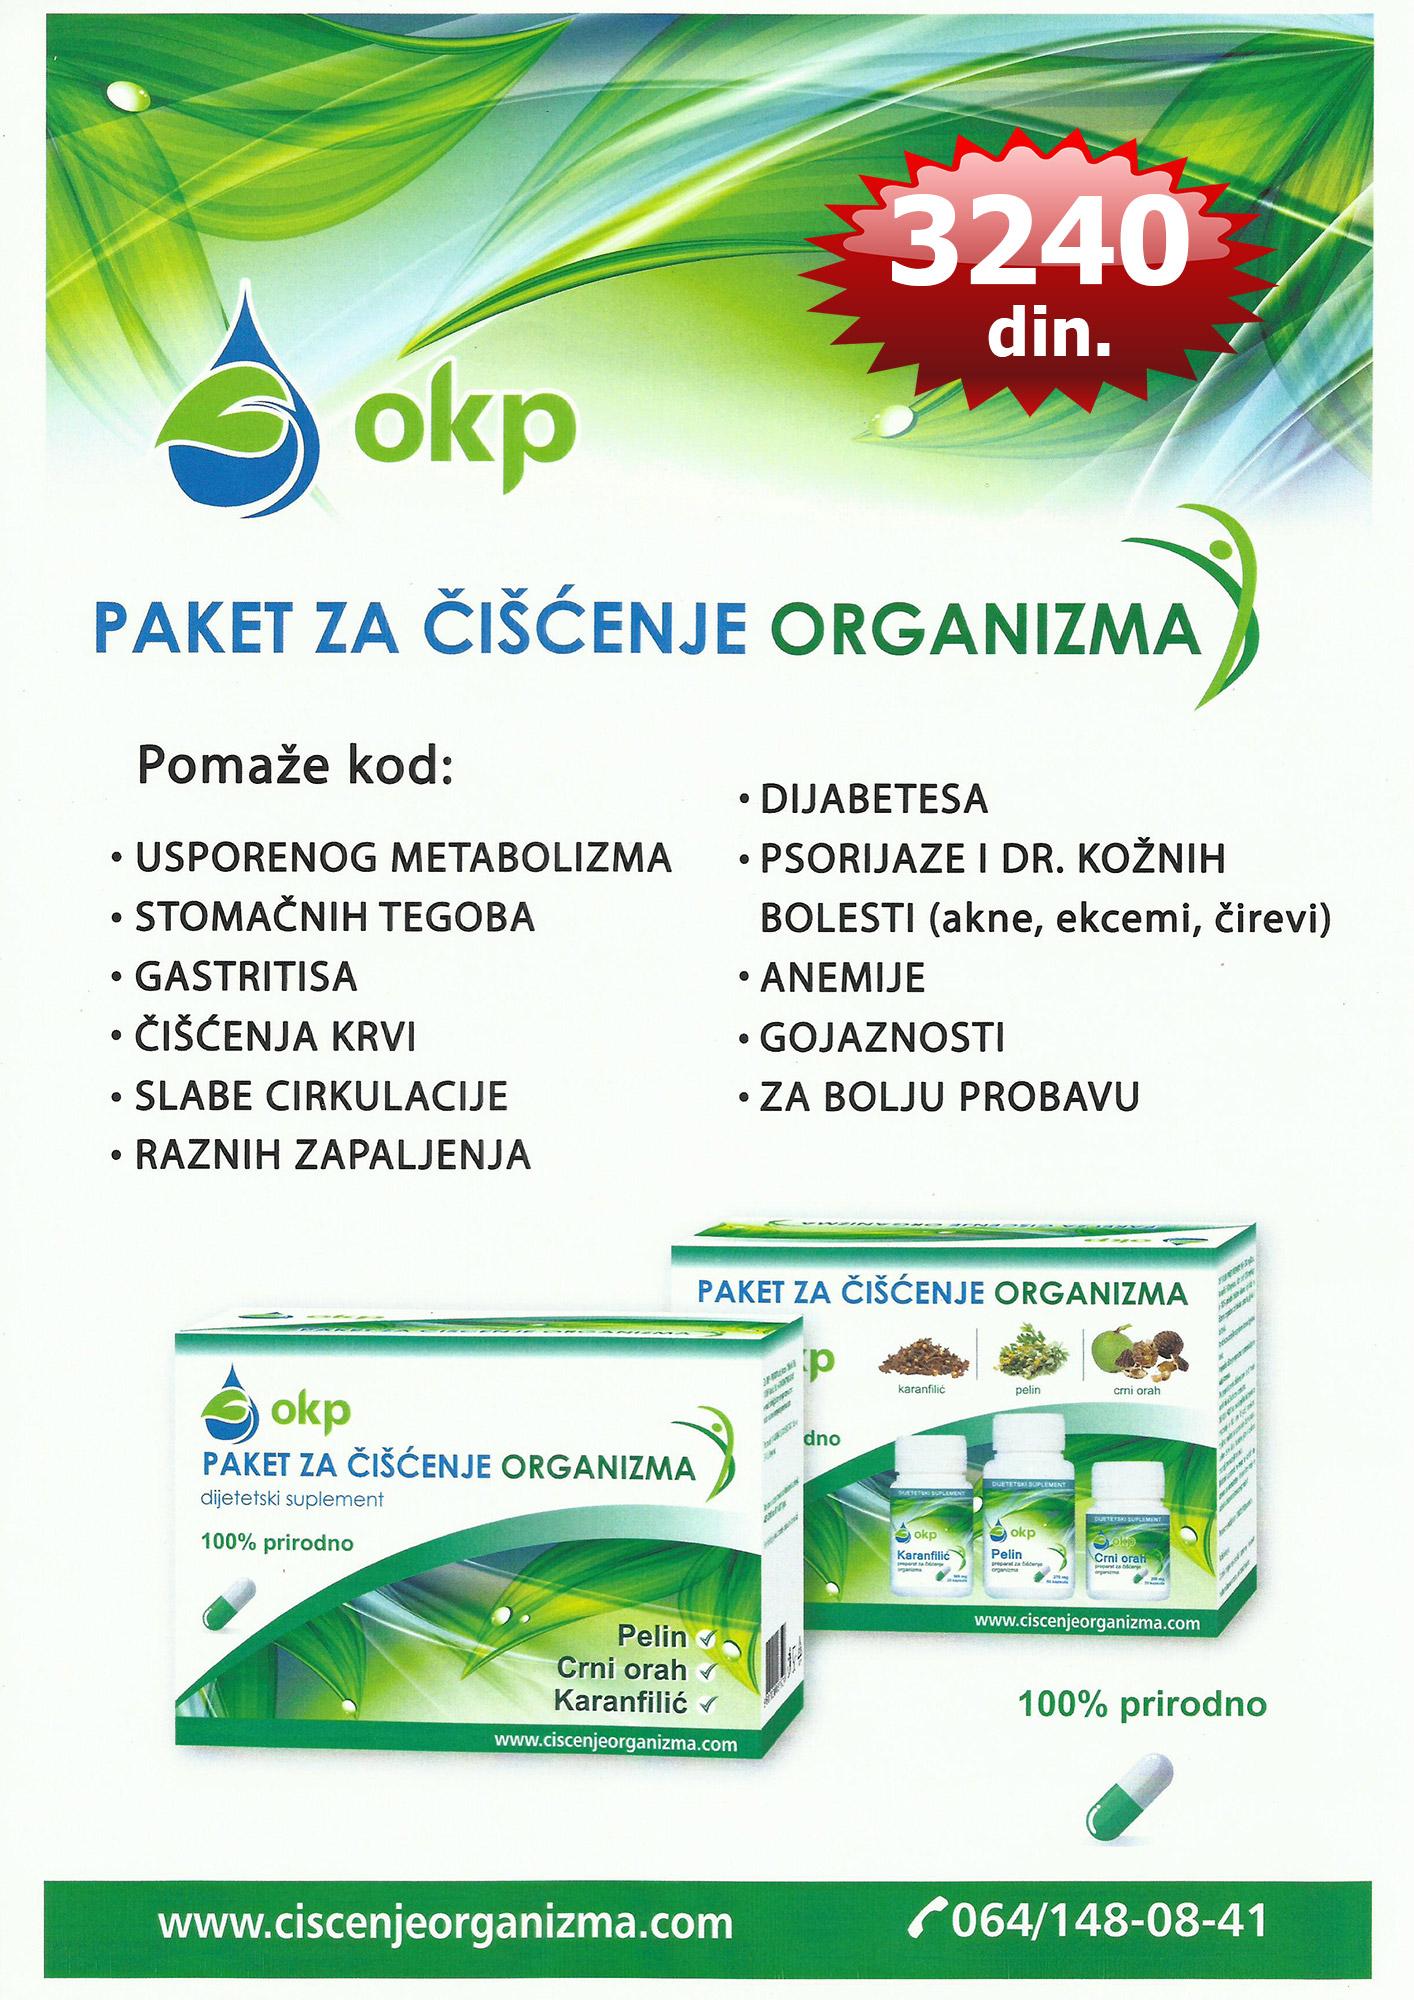 okp_paket